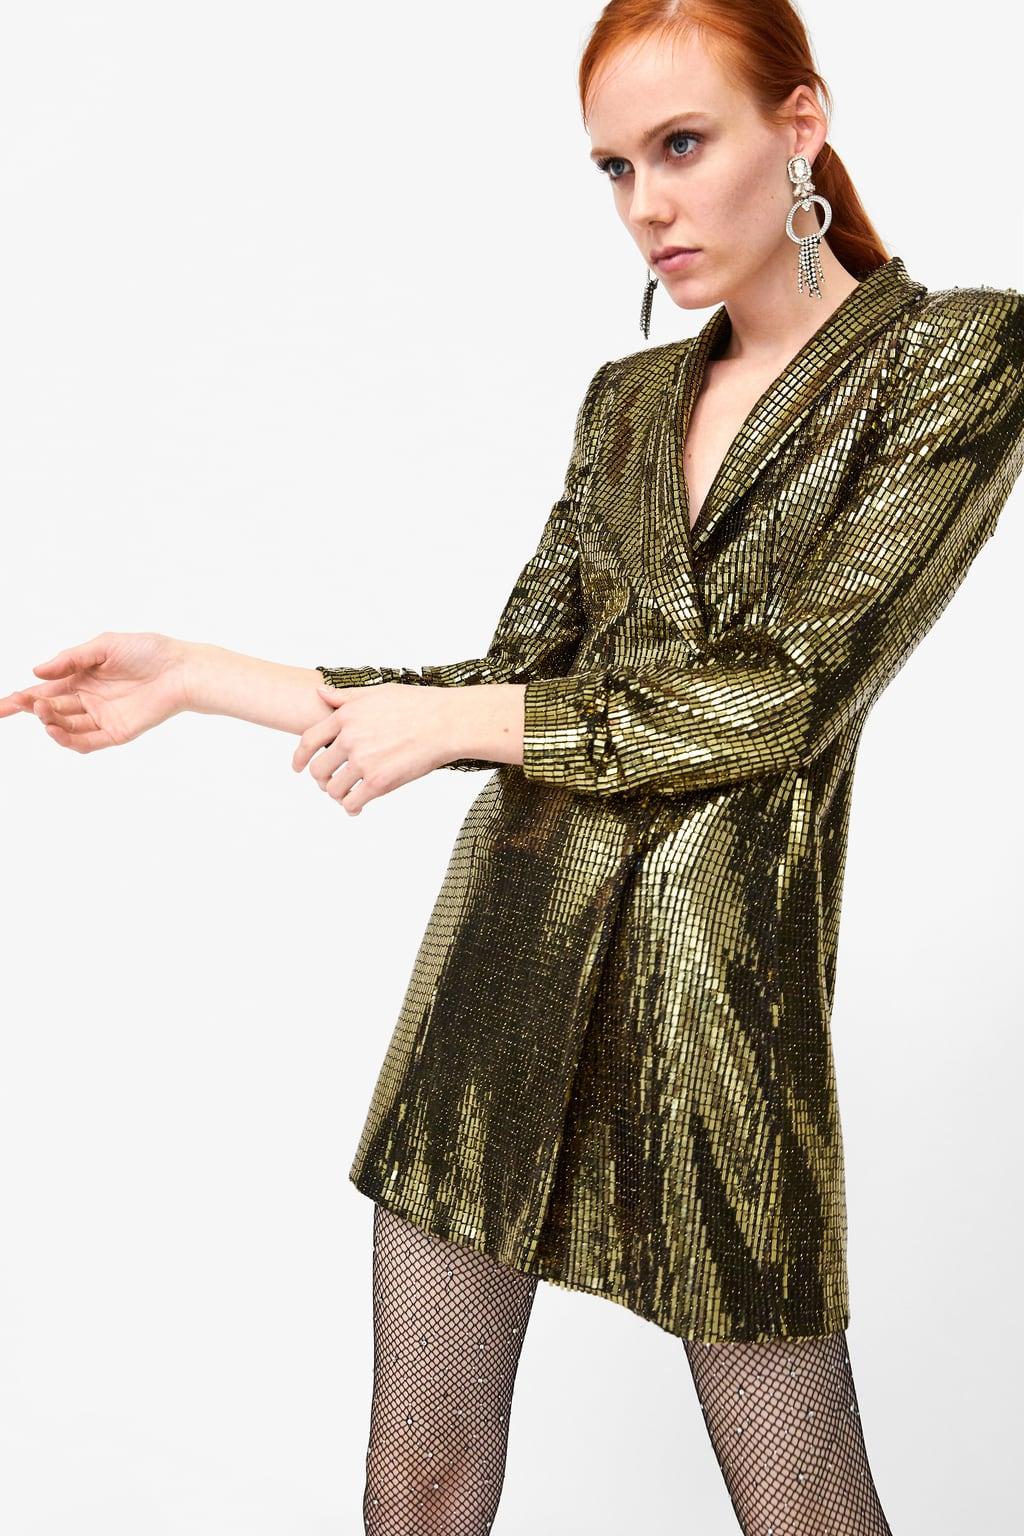 Αυτό το νέο ZARA φόρεμα θα το λατρέψεις σίγουρα! - mononews 206cdd68b3e